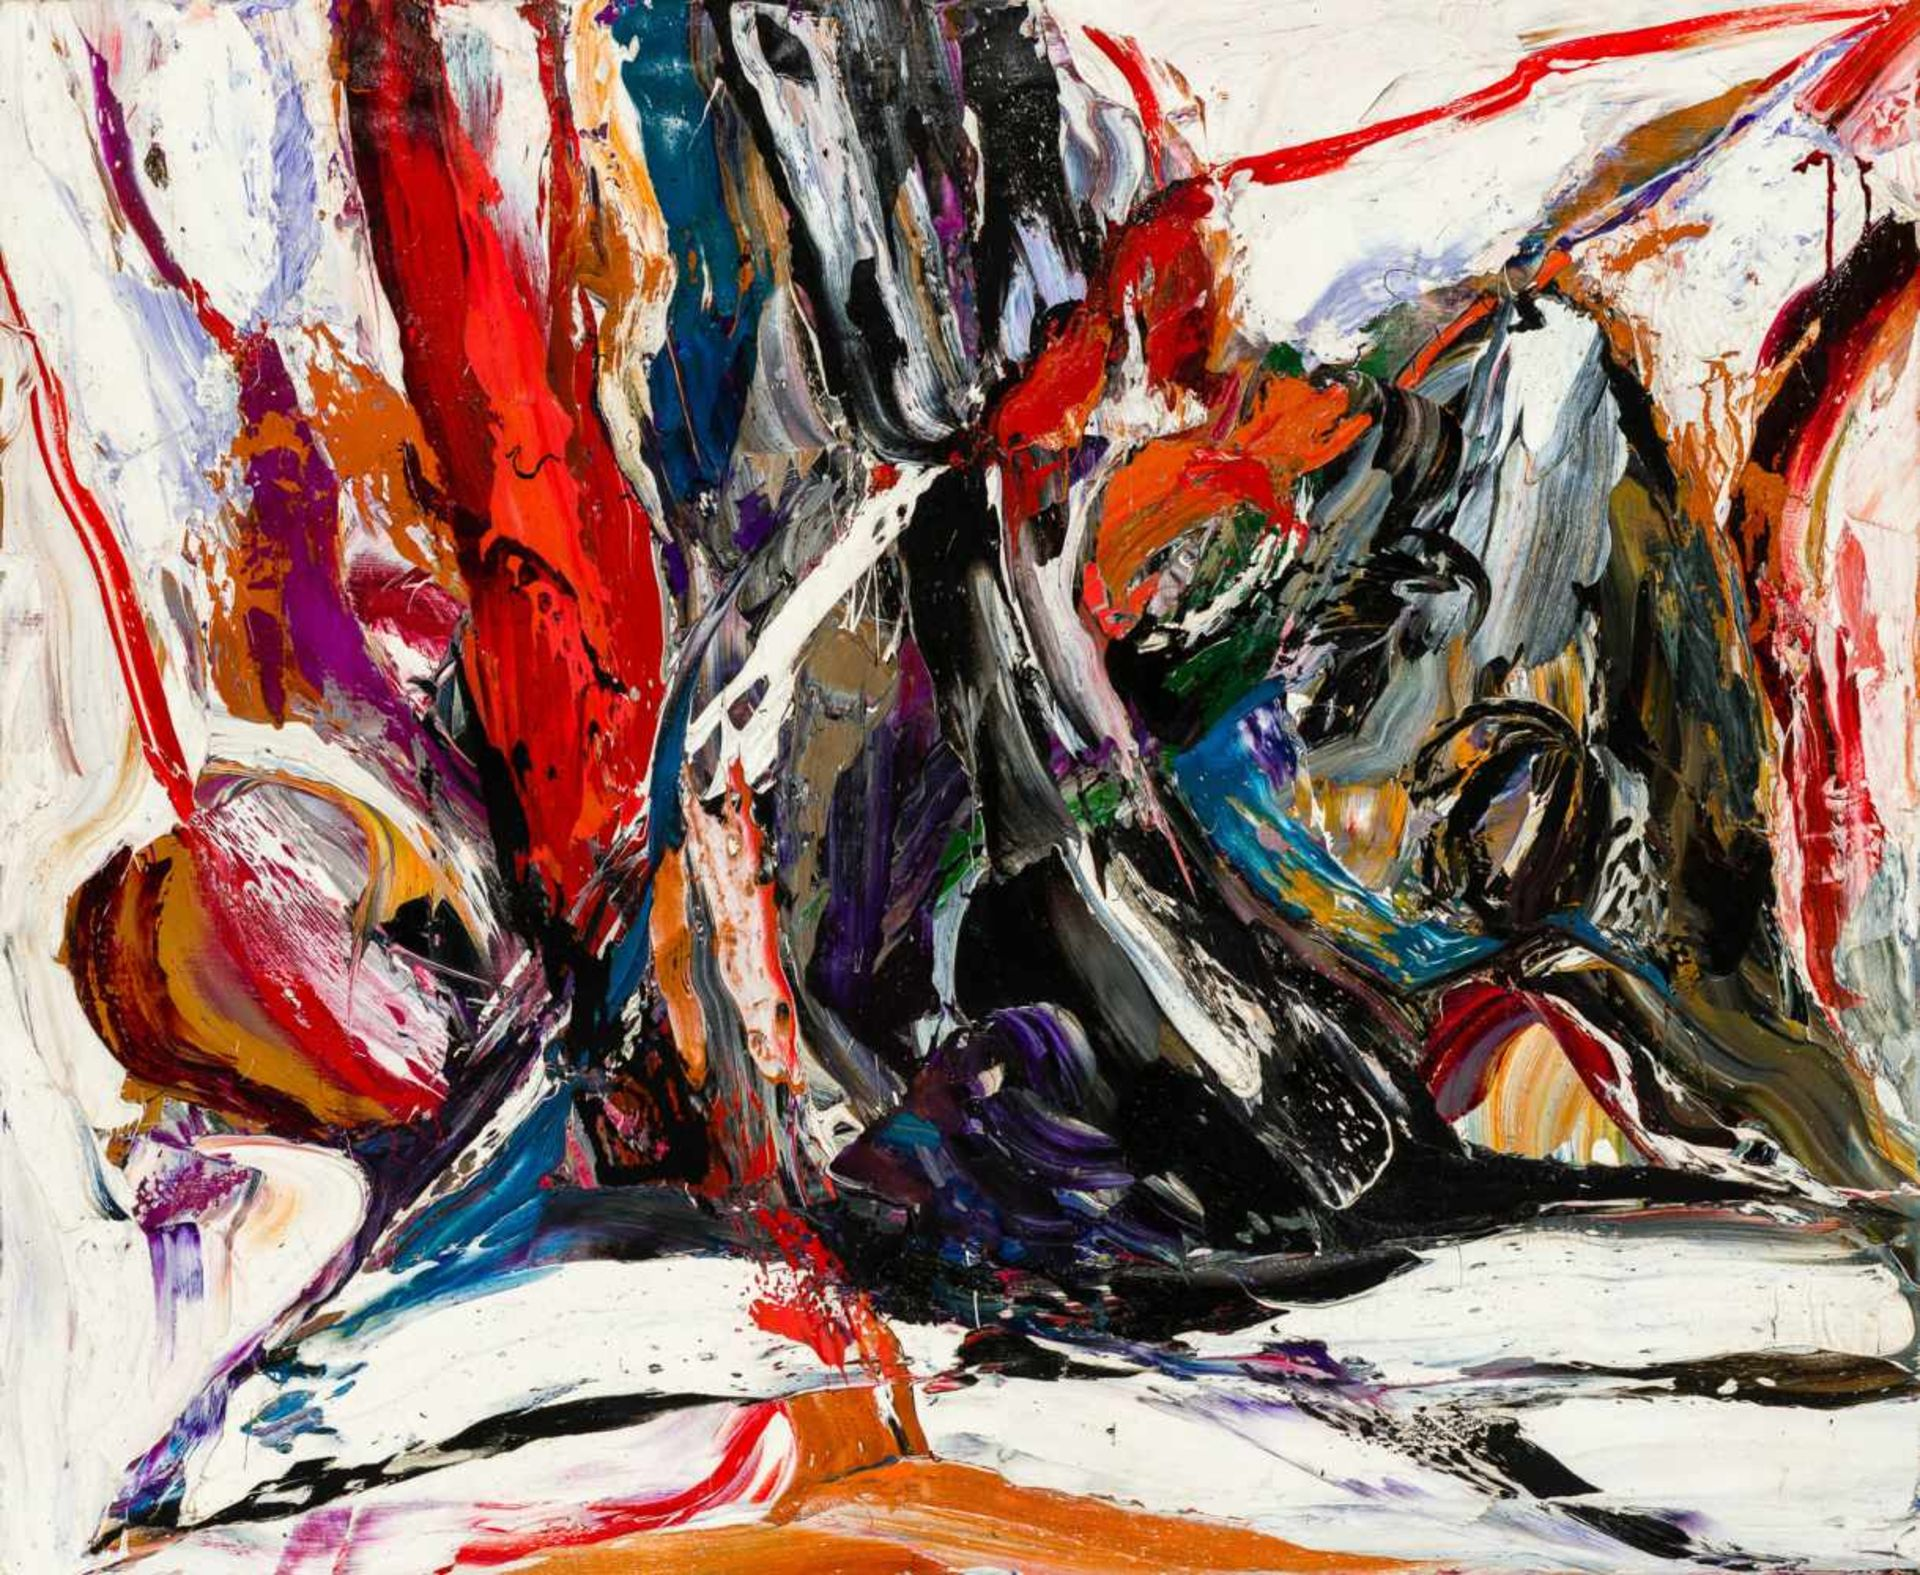 Los 23 - Ruth Francken Prag 1924 - 2006 Paris La Petite Souche Öl auf Leinwand 84 x 102 cm 1957 rechts